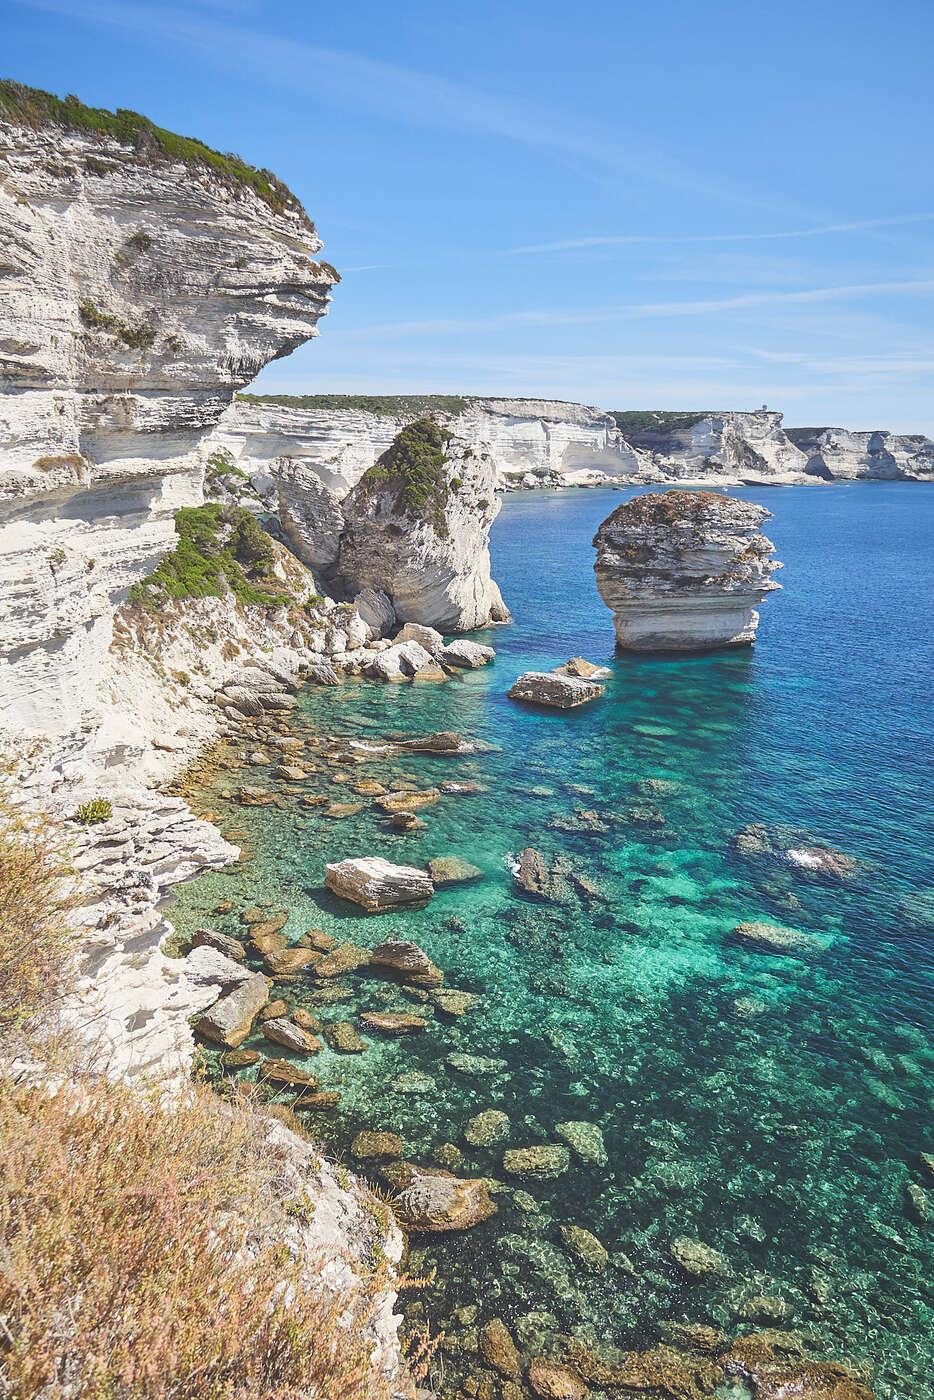 Rocher du grain de sable, Bonifacio, Corse